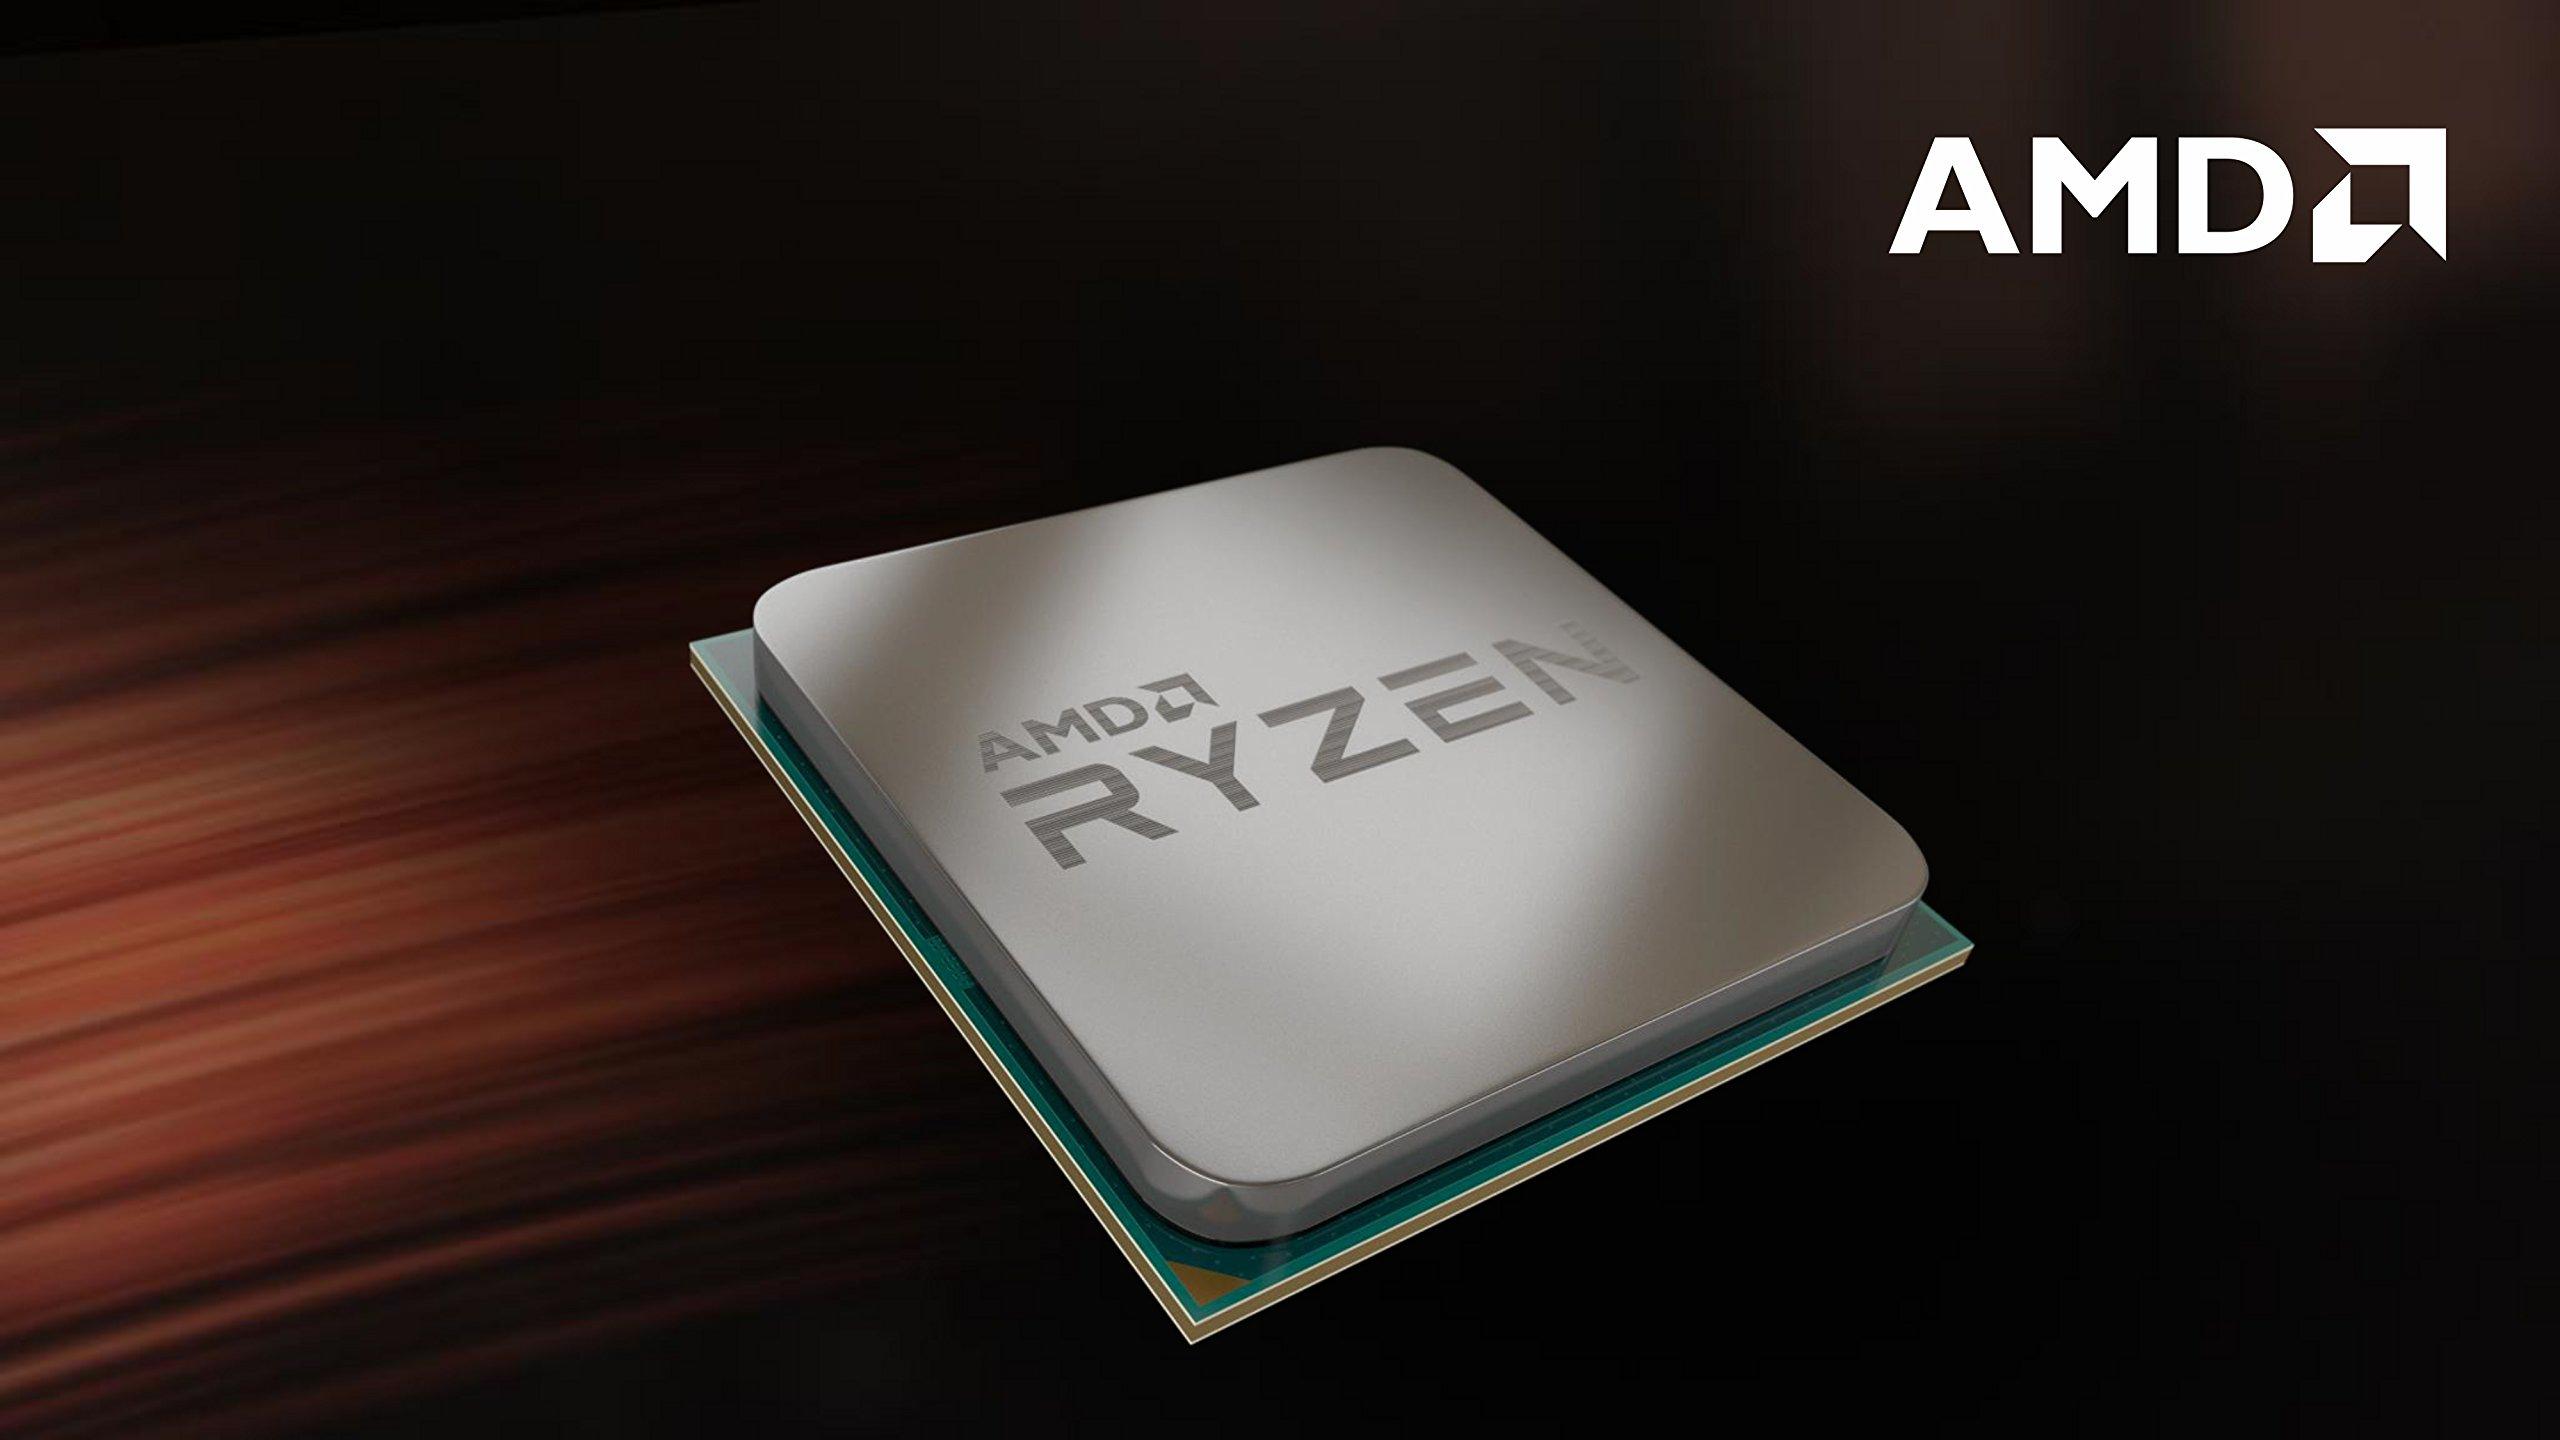 AMD Ryzen 5 1600X Processor (YD160XBCAEWOF) by AMD